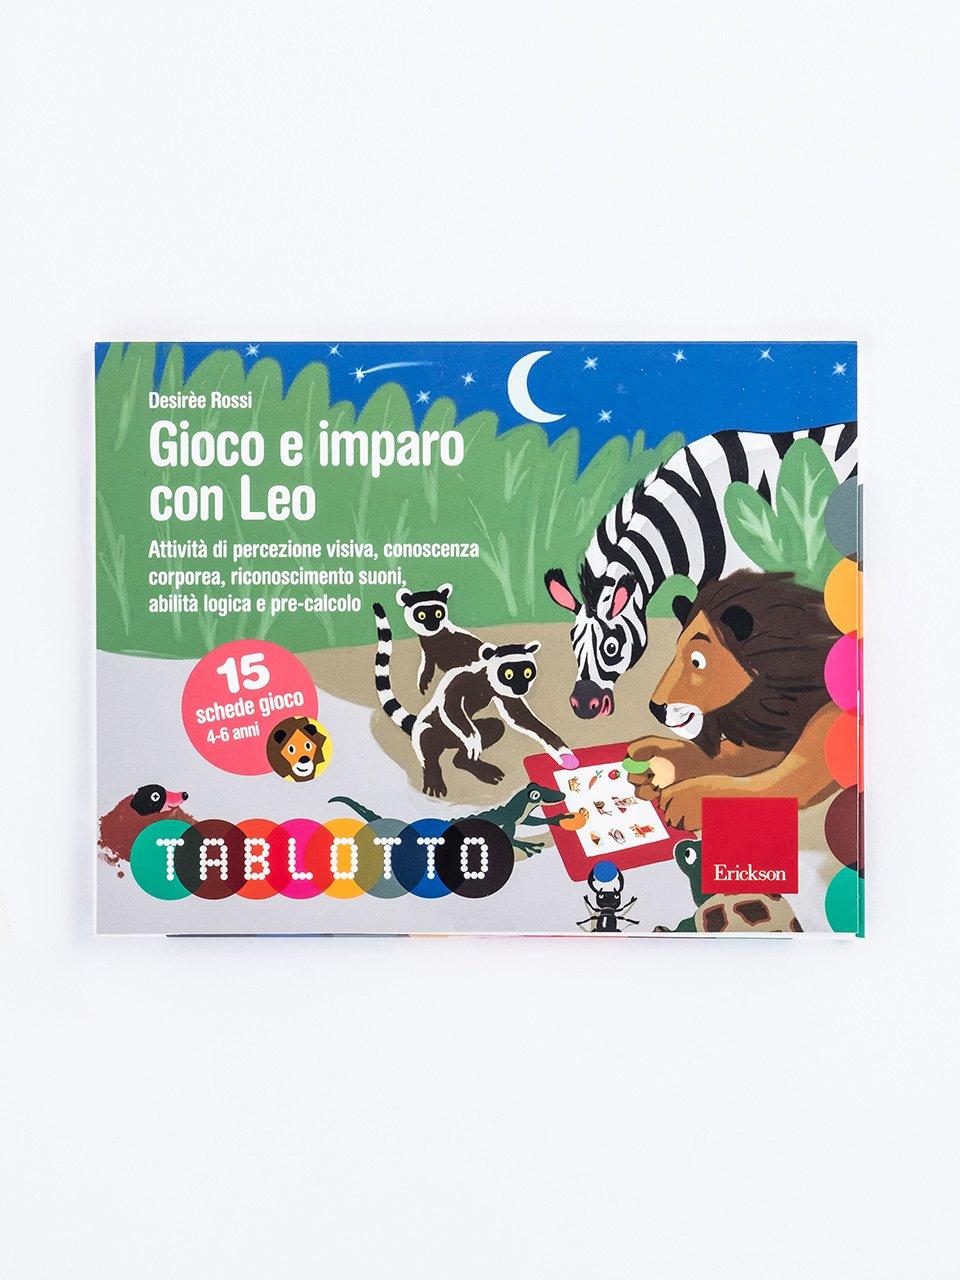 Schede per Tablotto (4-6 anni) - Gioco e imparo con Leo - Schede per Tablotto (4-6 anni) - Gioco e imparo co - Giochi - Erickson